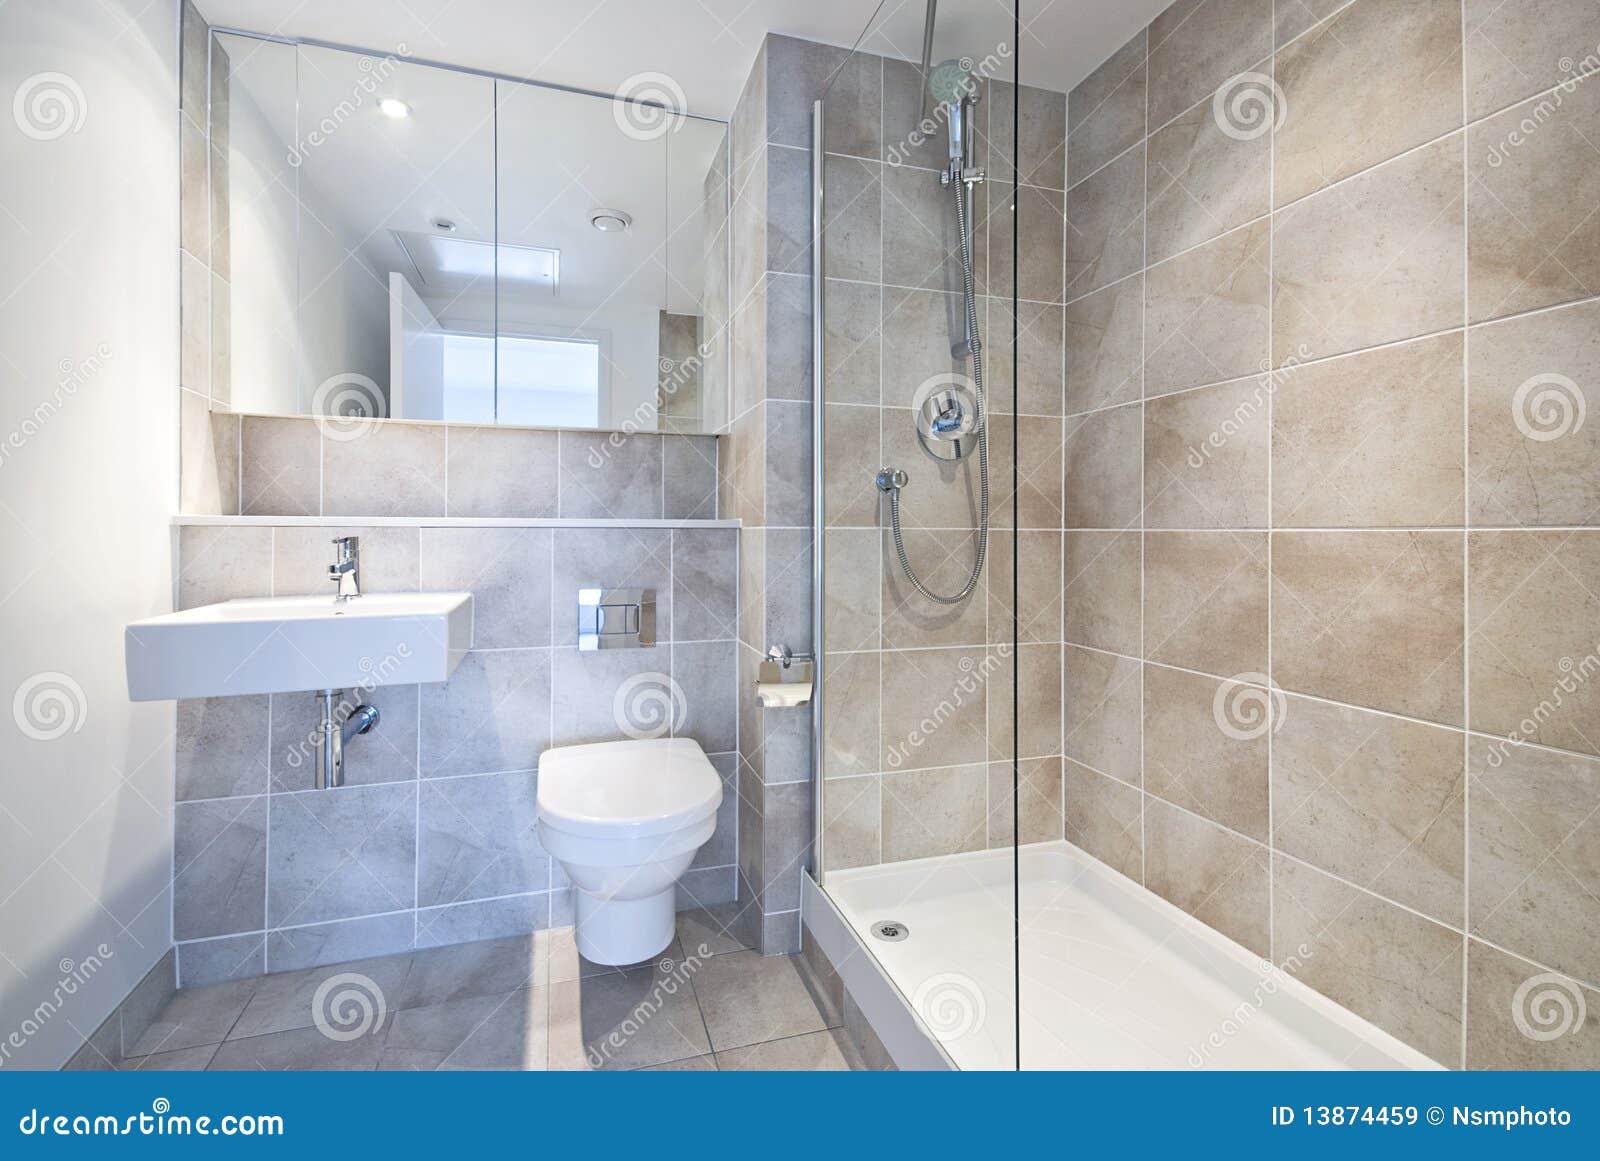 Moderne engelse reeksbadkamers met grote douche royalty vrije stock afbeeldingen beeld 13874459 - Betegelde douche ...